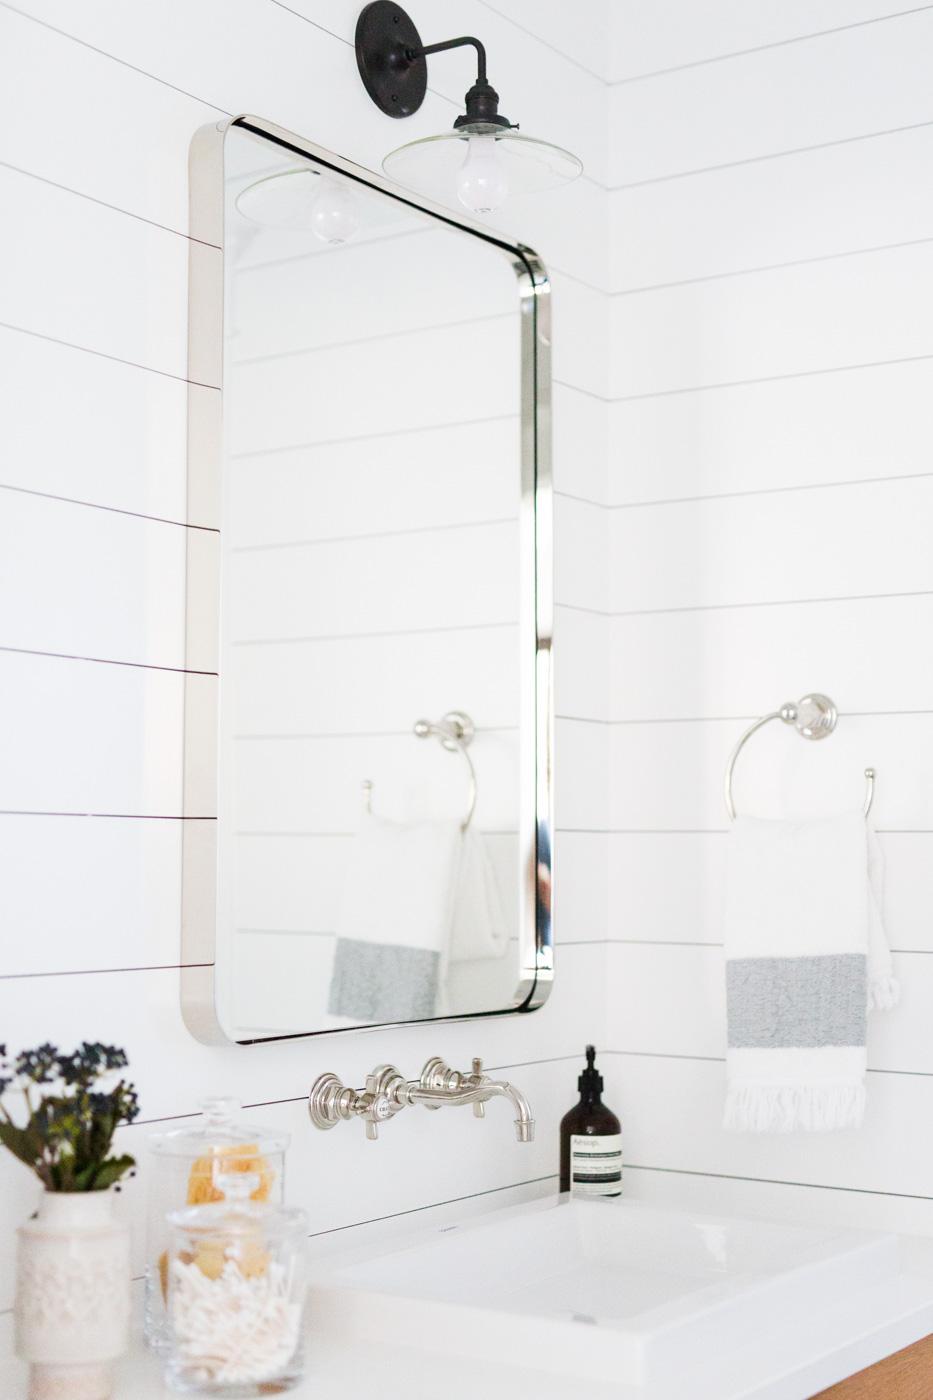 Pool+bathroom+||+Studio+McGee.jpg